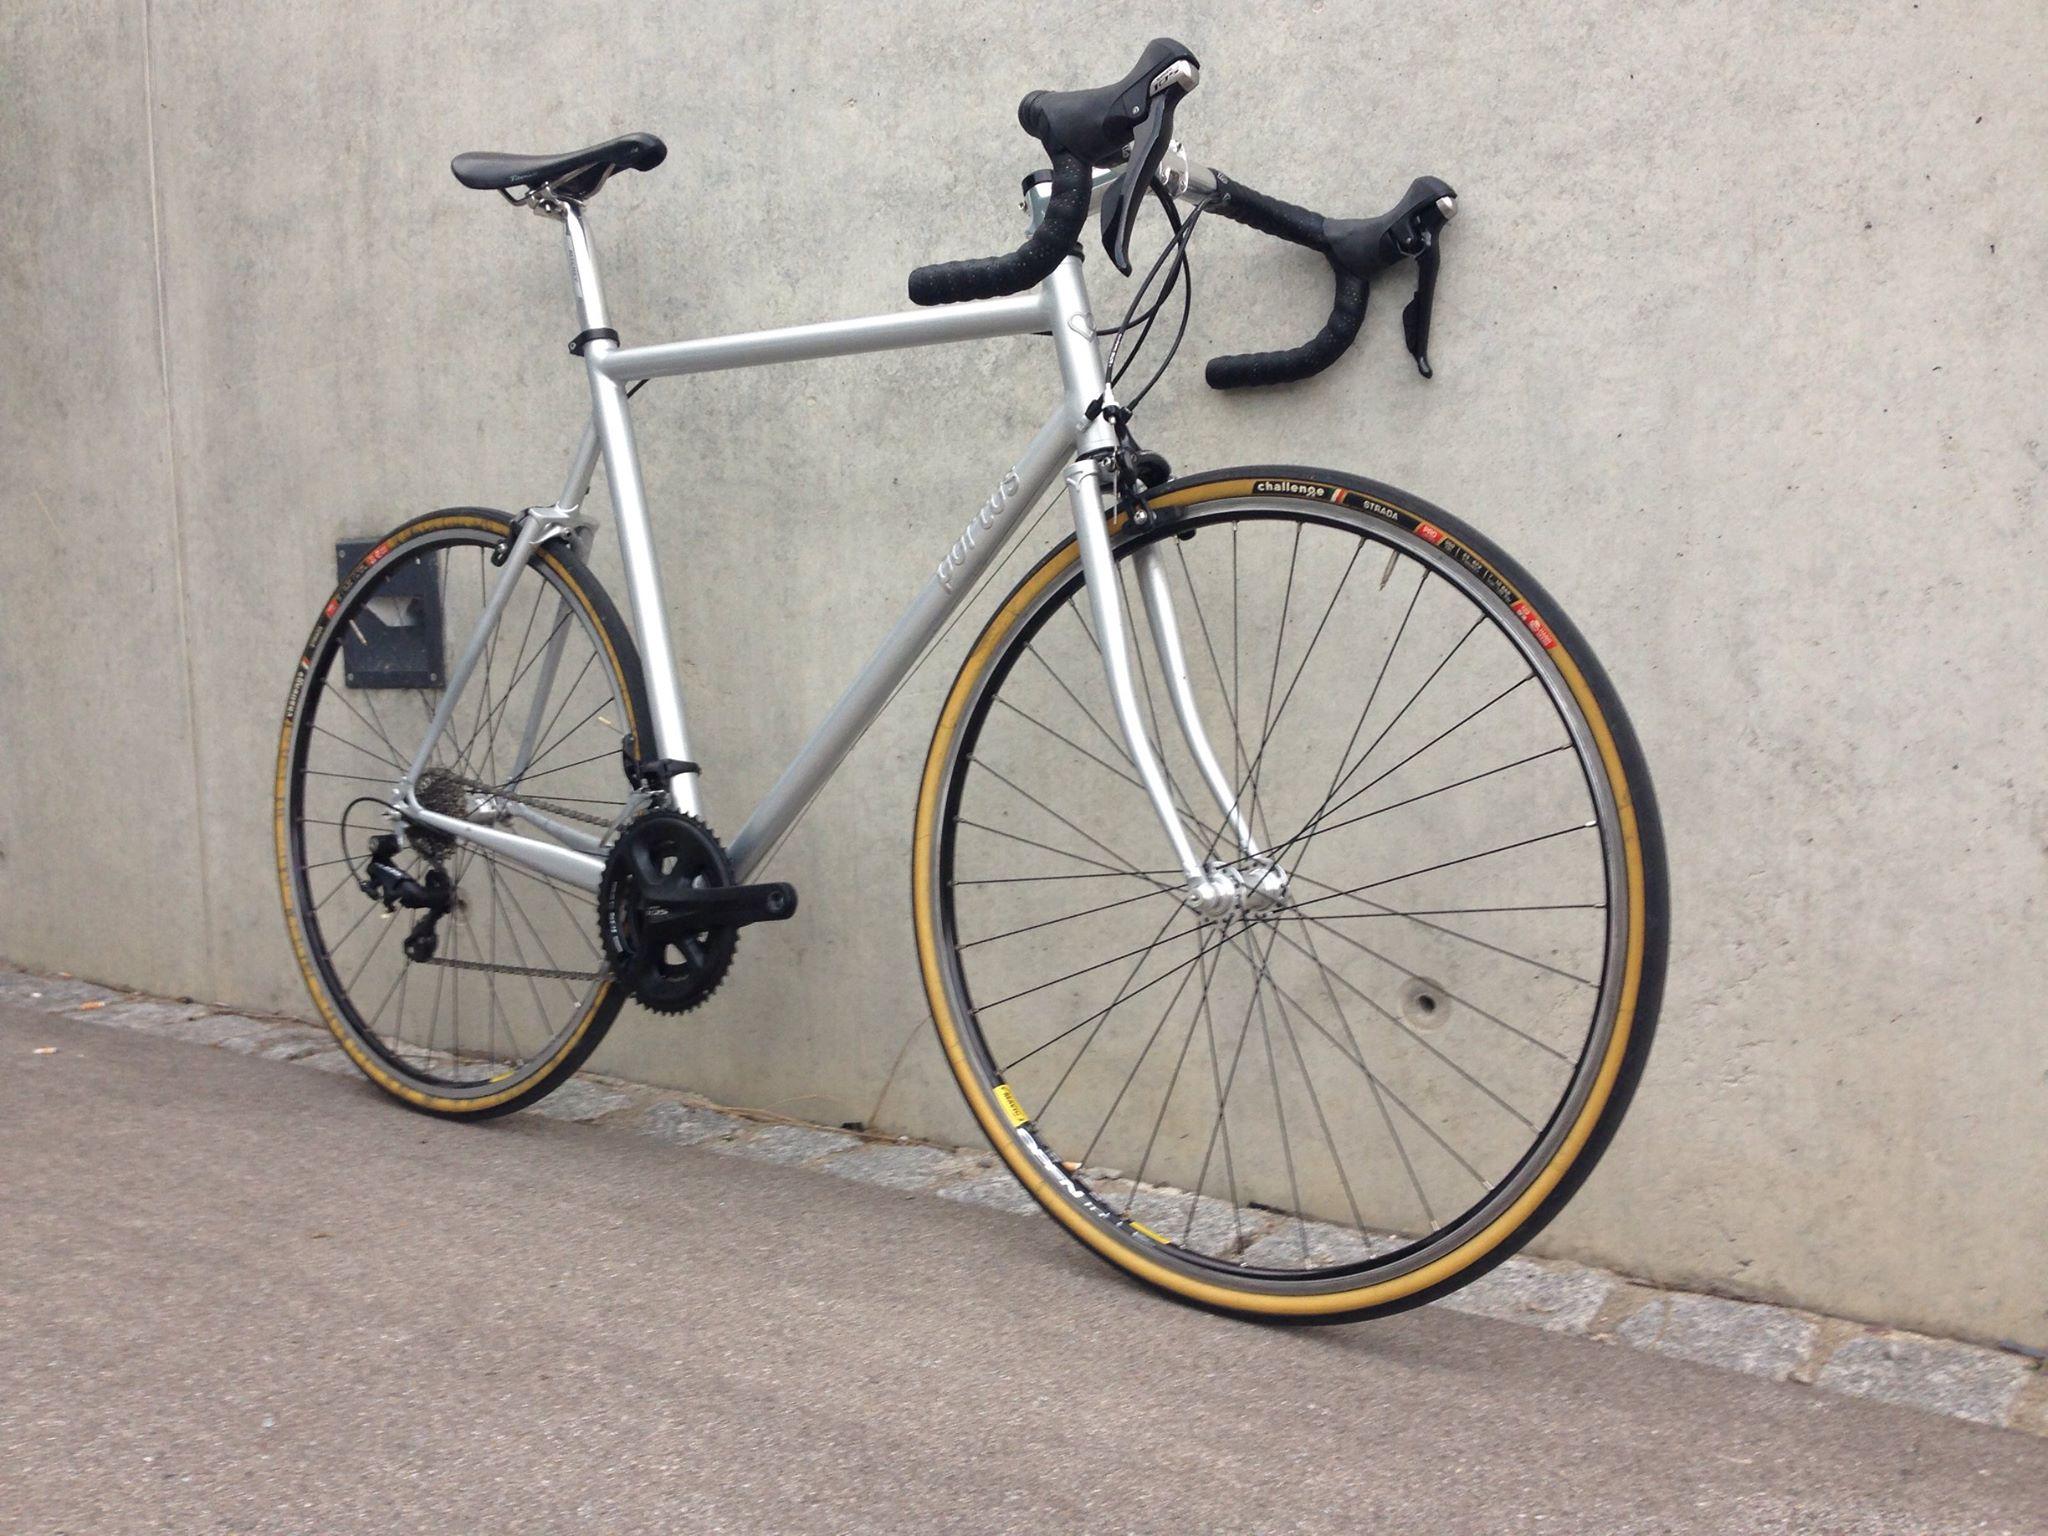 chris' selbstgebautes rennrad – klassische schönheit | portus cycles